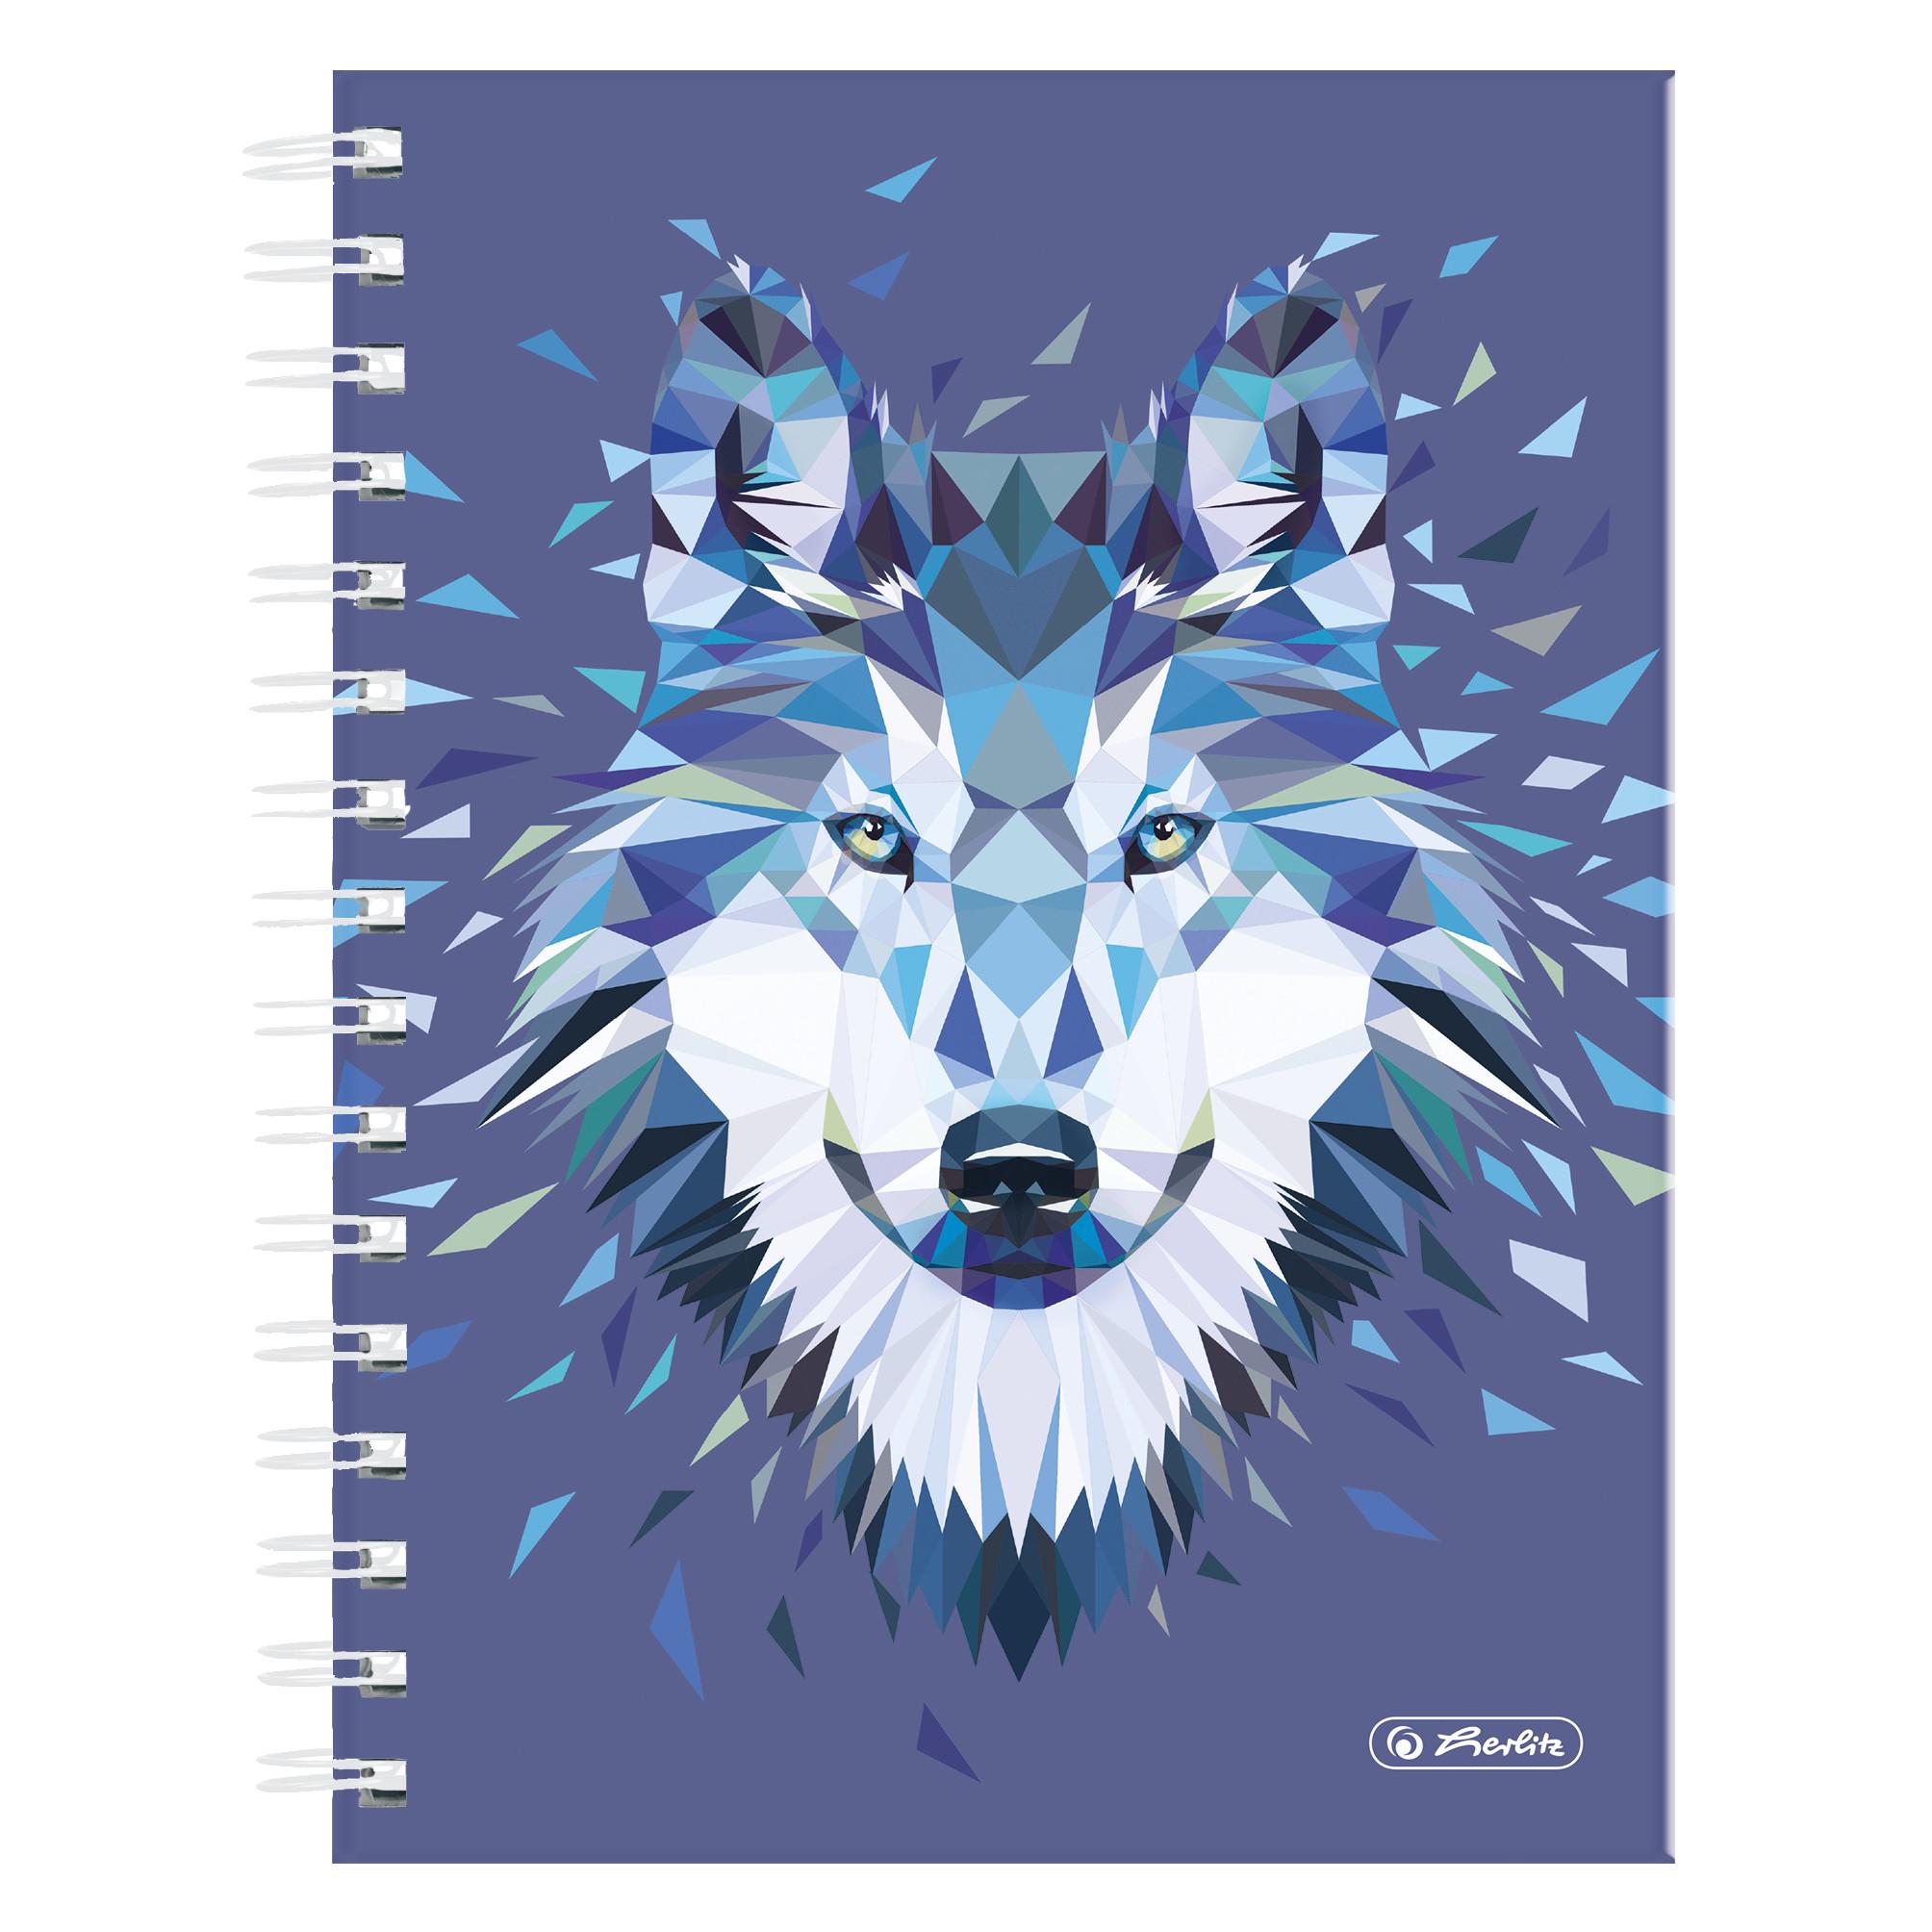 Herlitz 50027750 - Abbildung - Blau - A5 - 100 Blätter - Kariertes Papier - Kinder